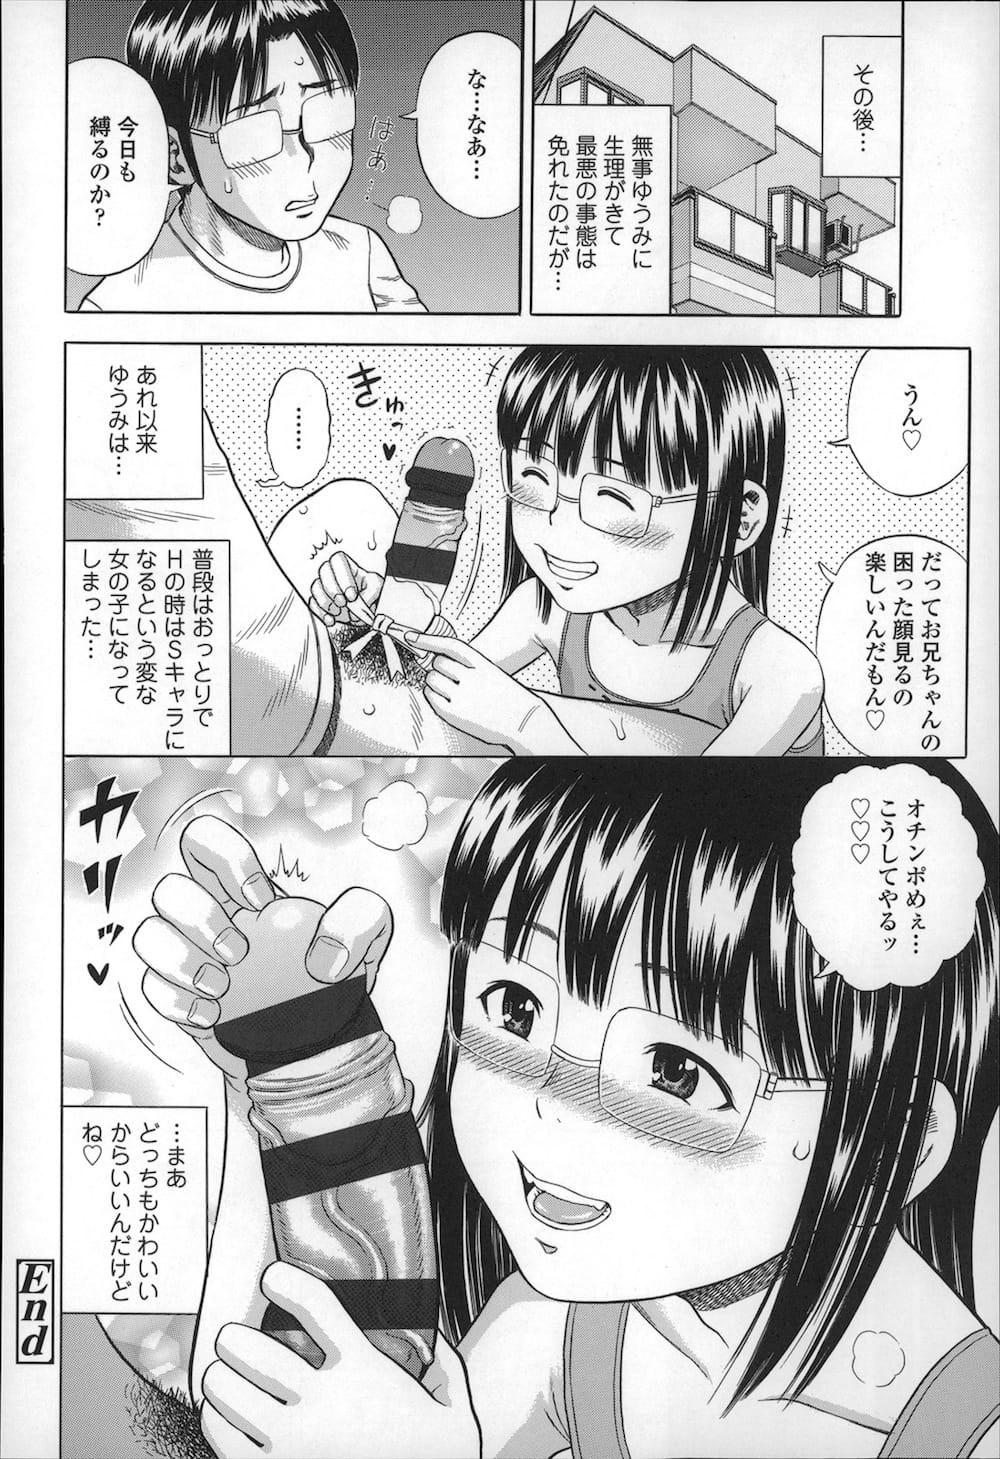 【エロ漫画】両親が不在の時におっとりしているメガネロリ妹とセックスしたら妹がSに目覚めてしまったwww 020